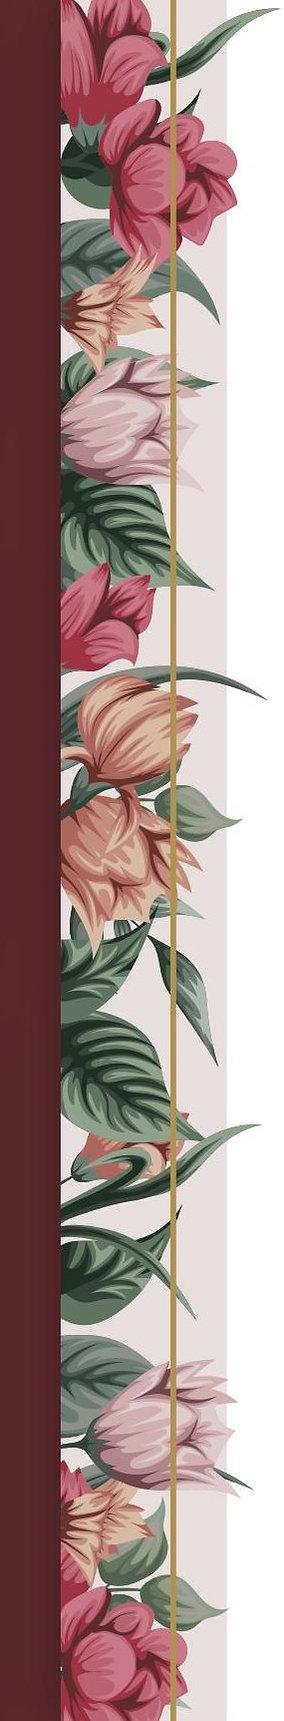 tinto y lilas-1.jpg